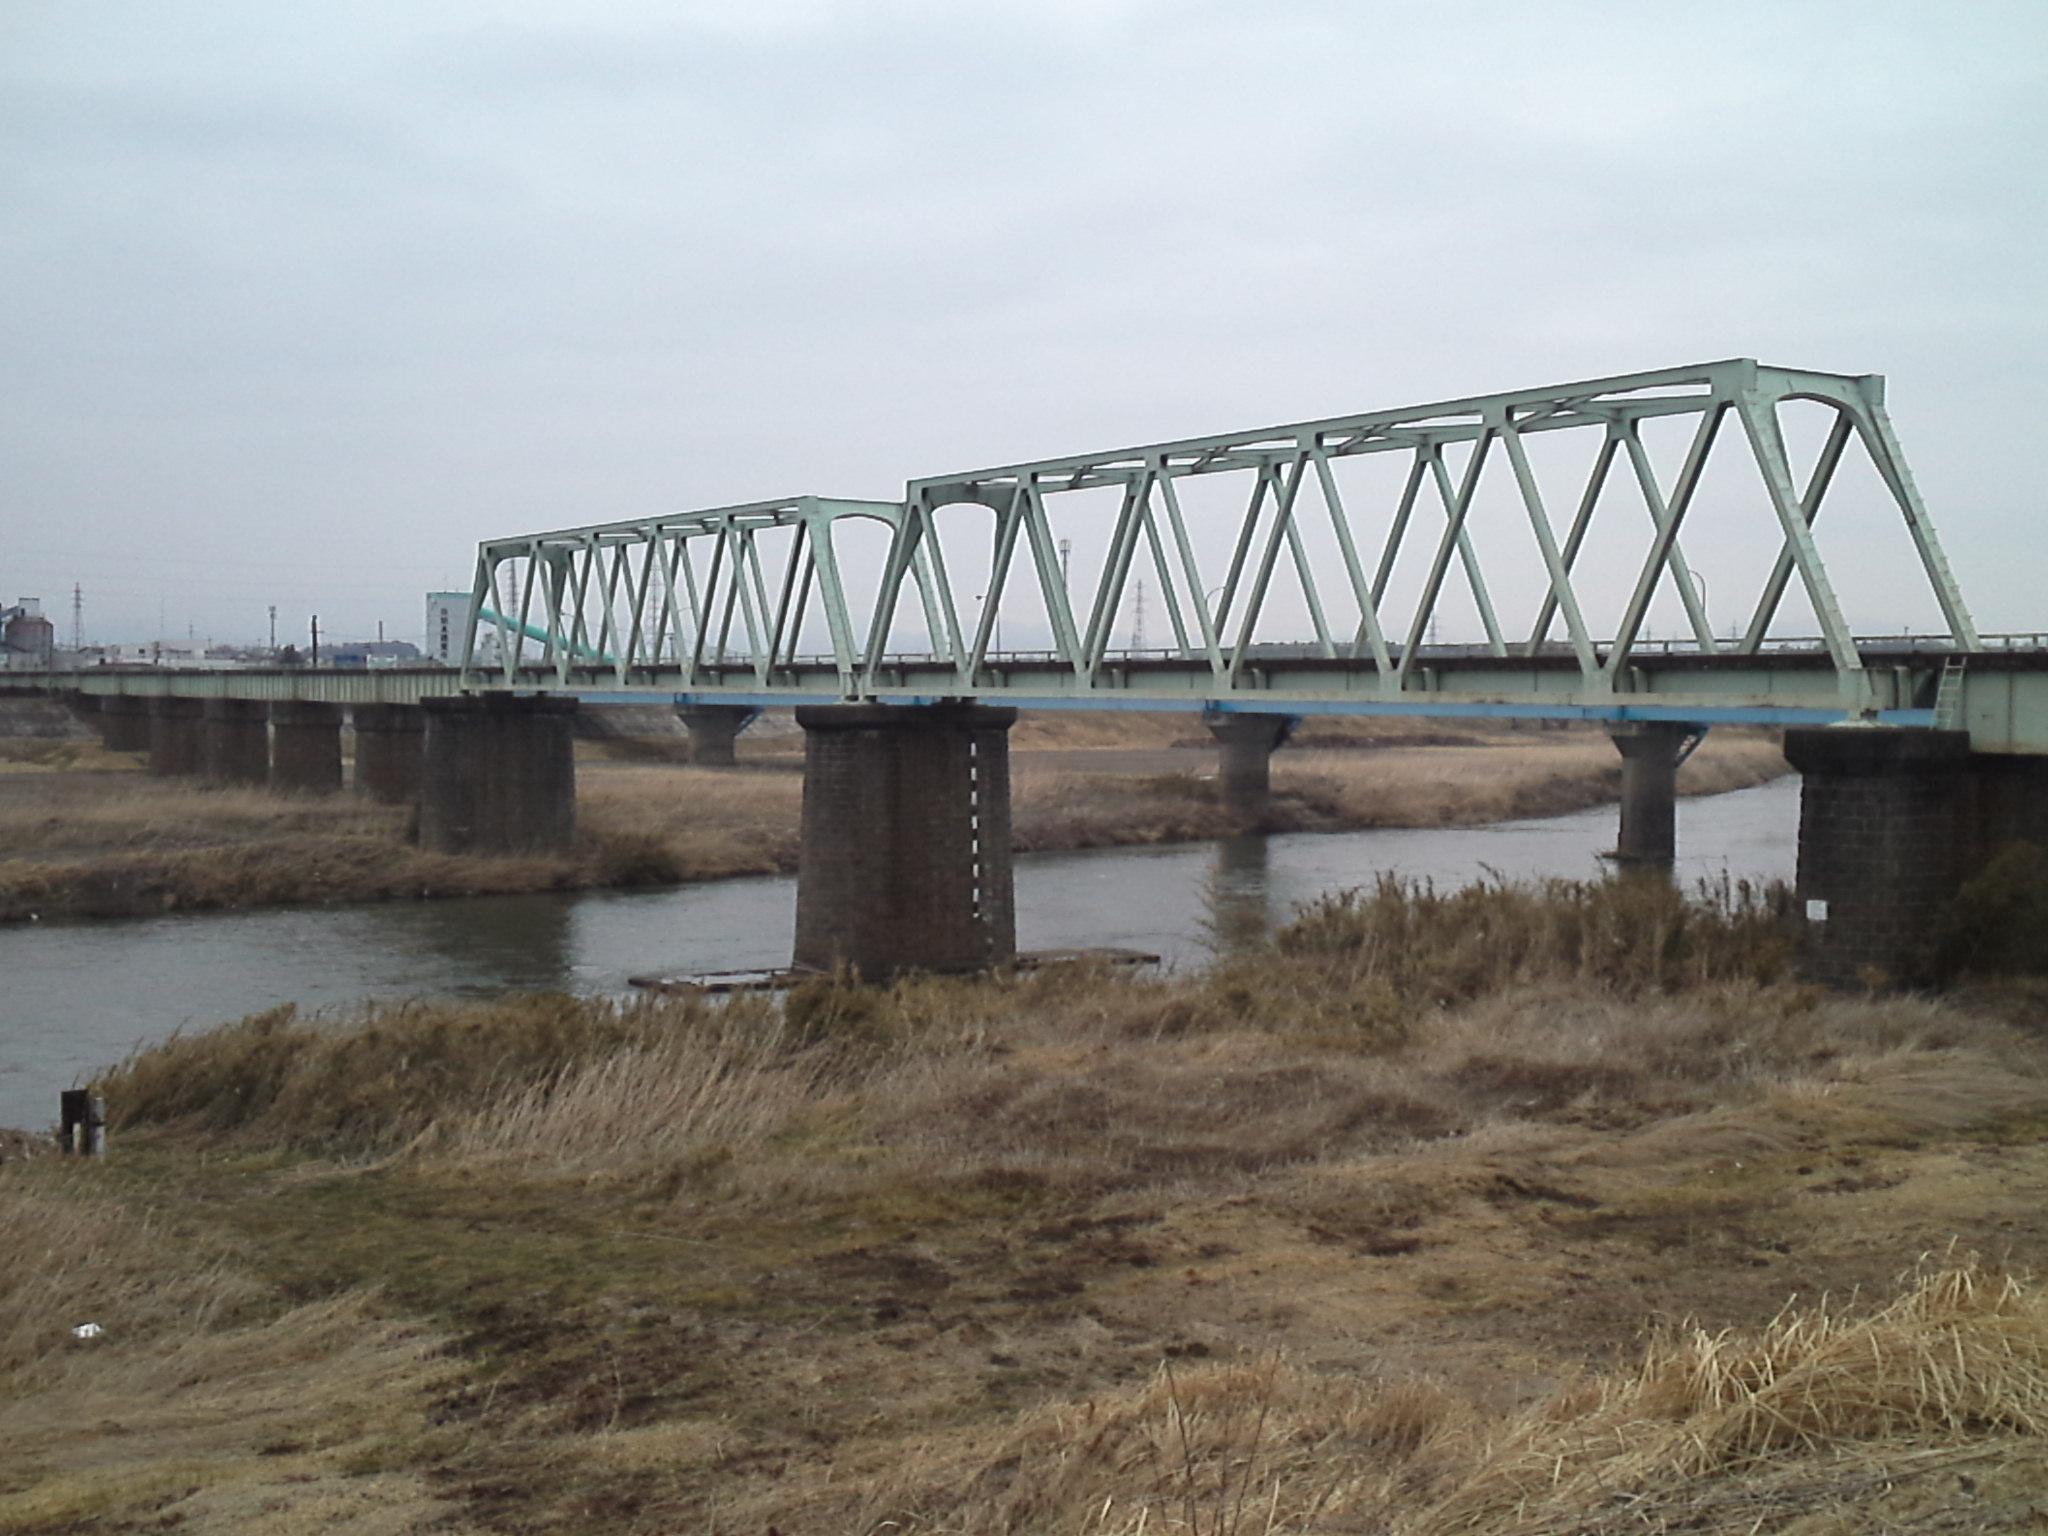 鉄道@磐越西線の年代物の石造り橋脚 トラス桁に加えて左岸に連続する短いプレートガーダーが萌える